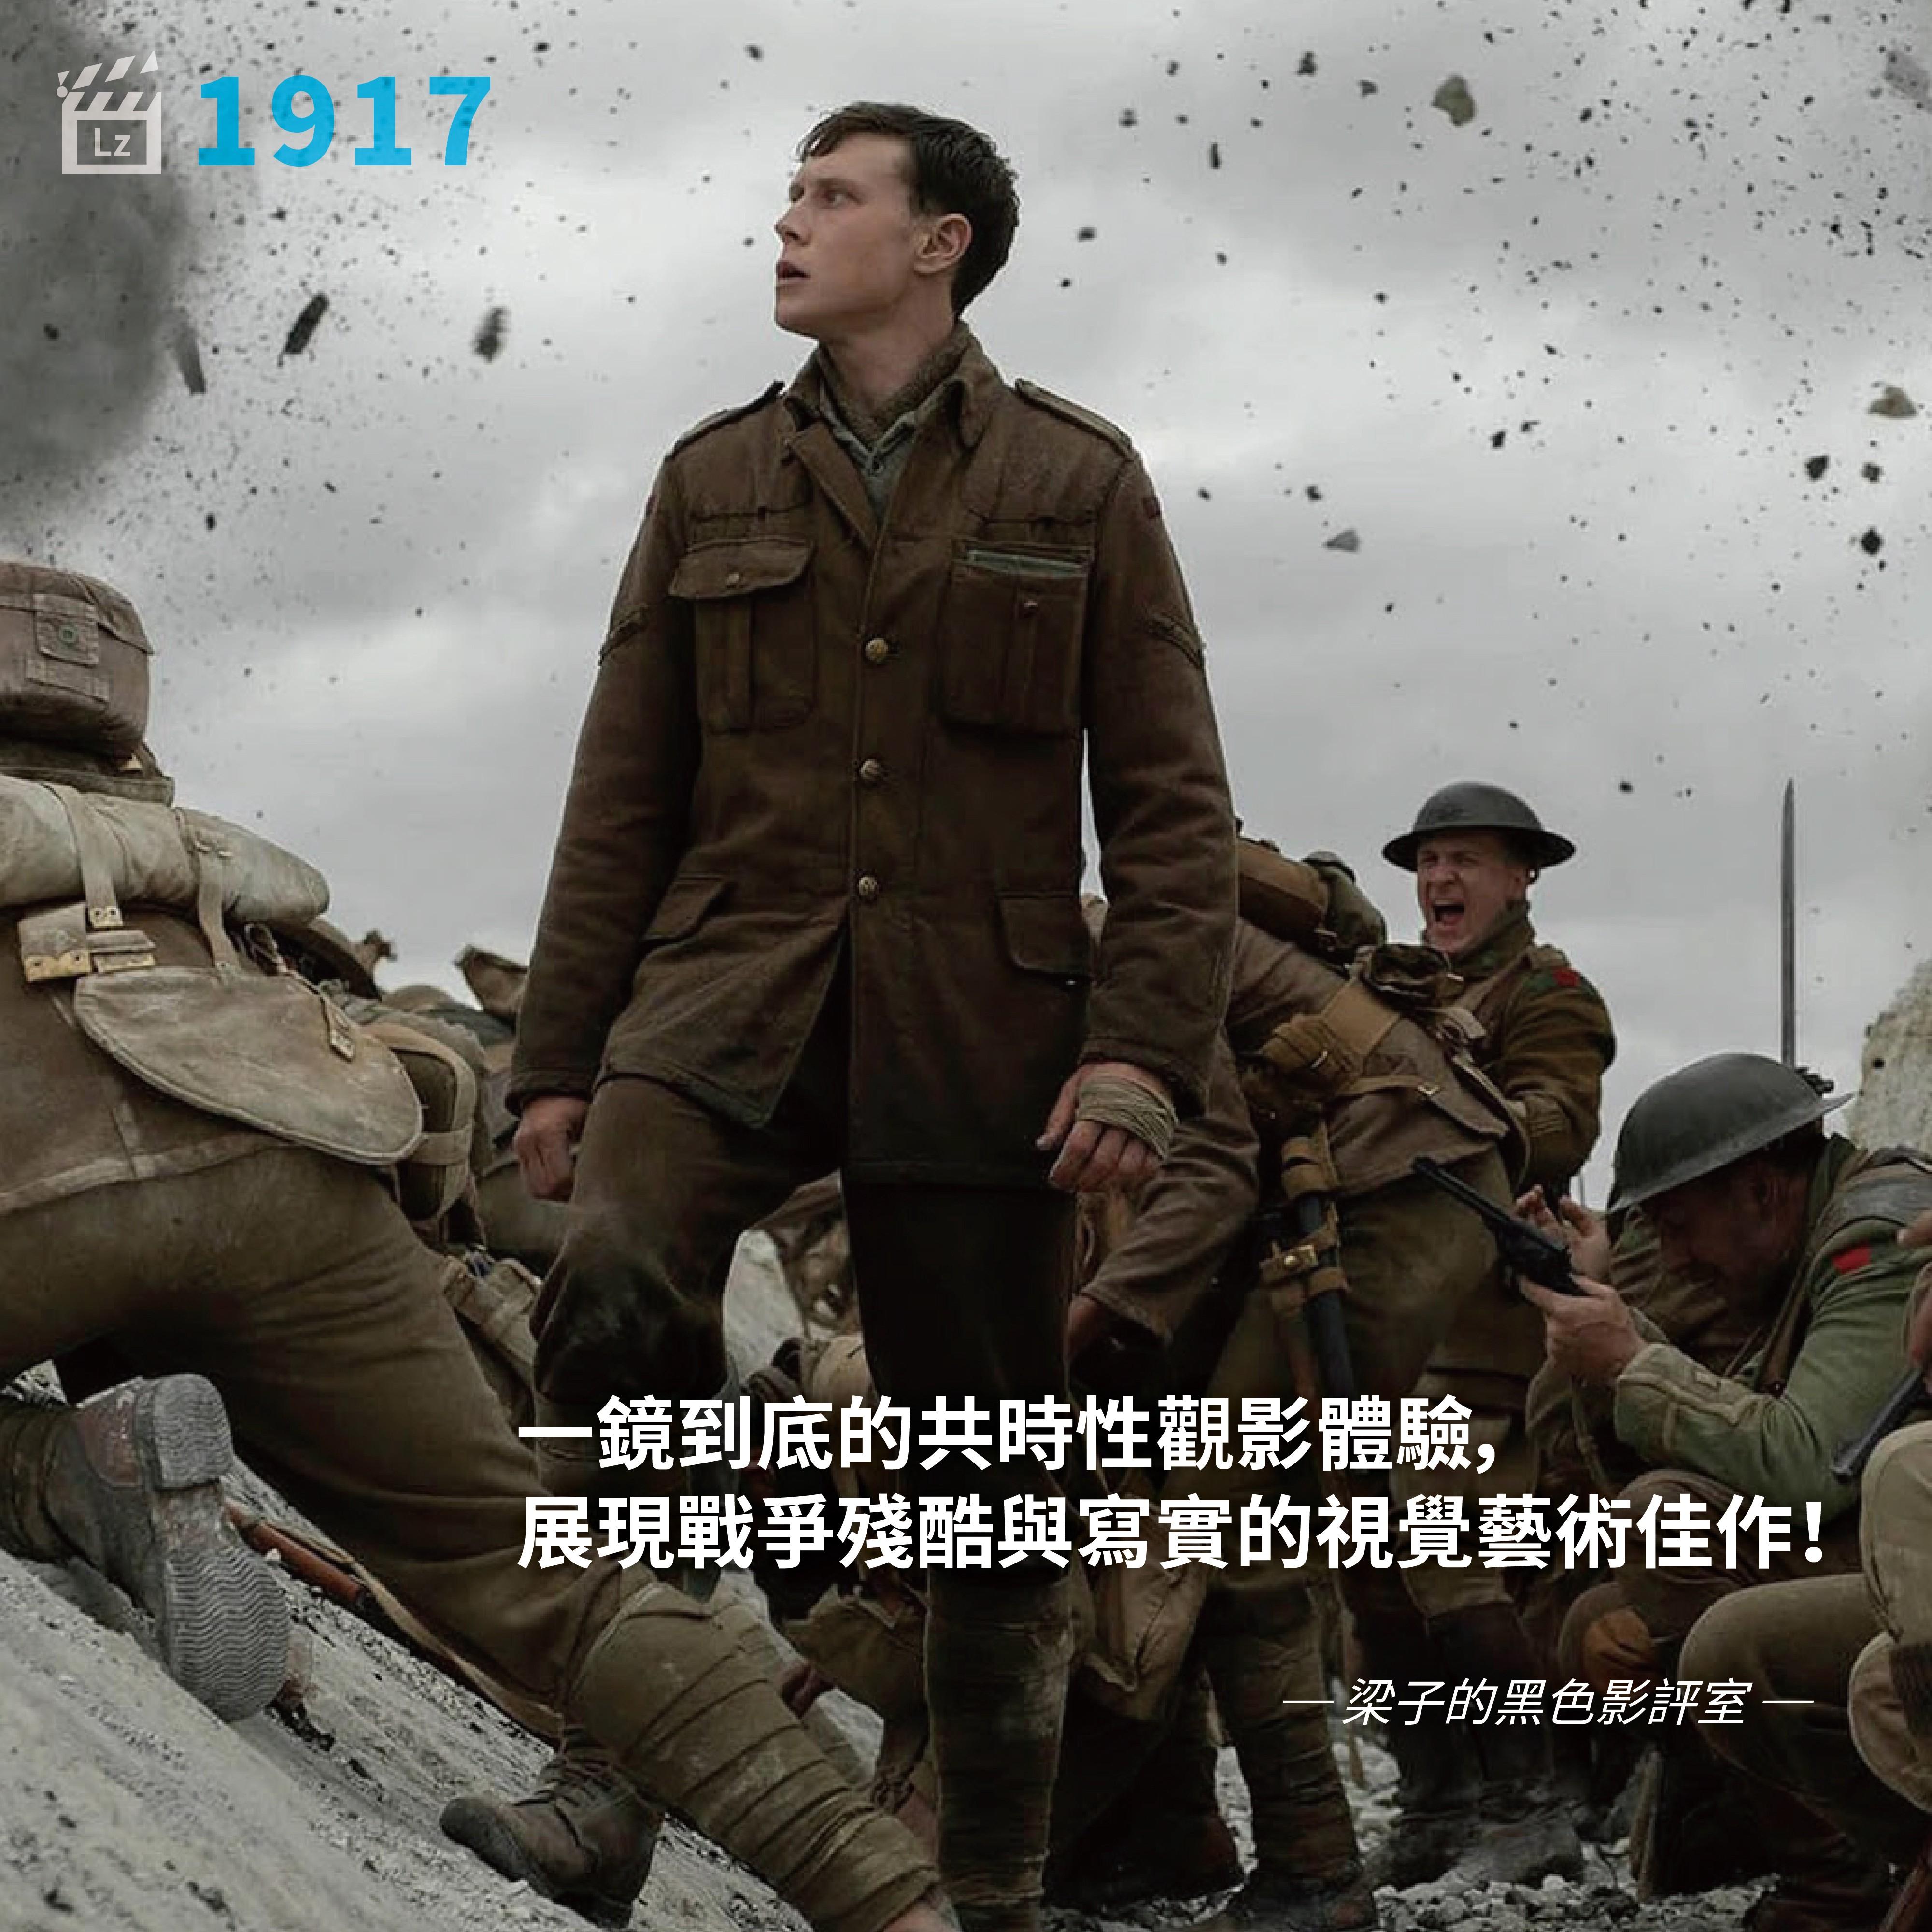 【無雷短評】其實《1917》不是一鏡到底?重點在於讓人目不轉睛的「共時性」! - 梁子的黑色影評室 - Medium